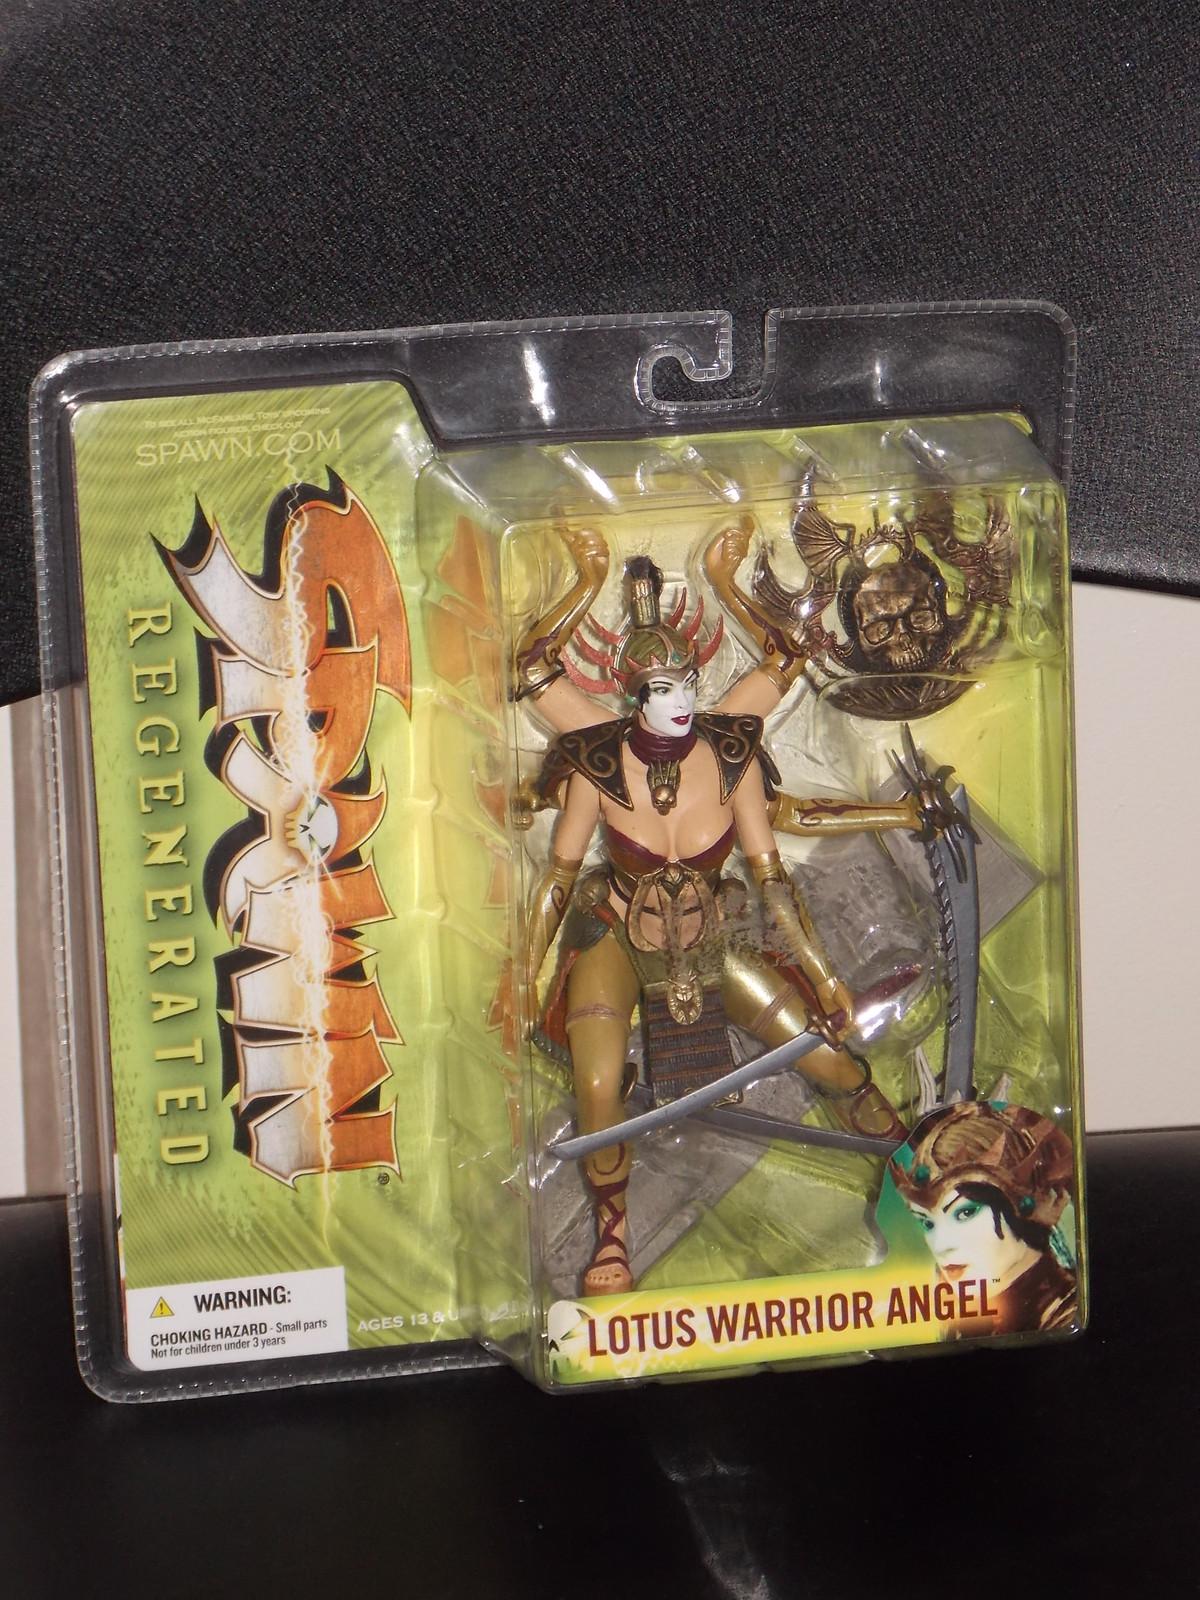 2005 McFarlane Spawn Regenerated Lotus Warrior Angel Figure New In The Package